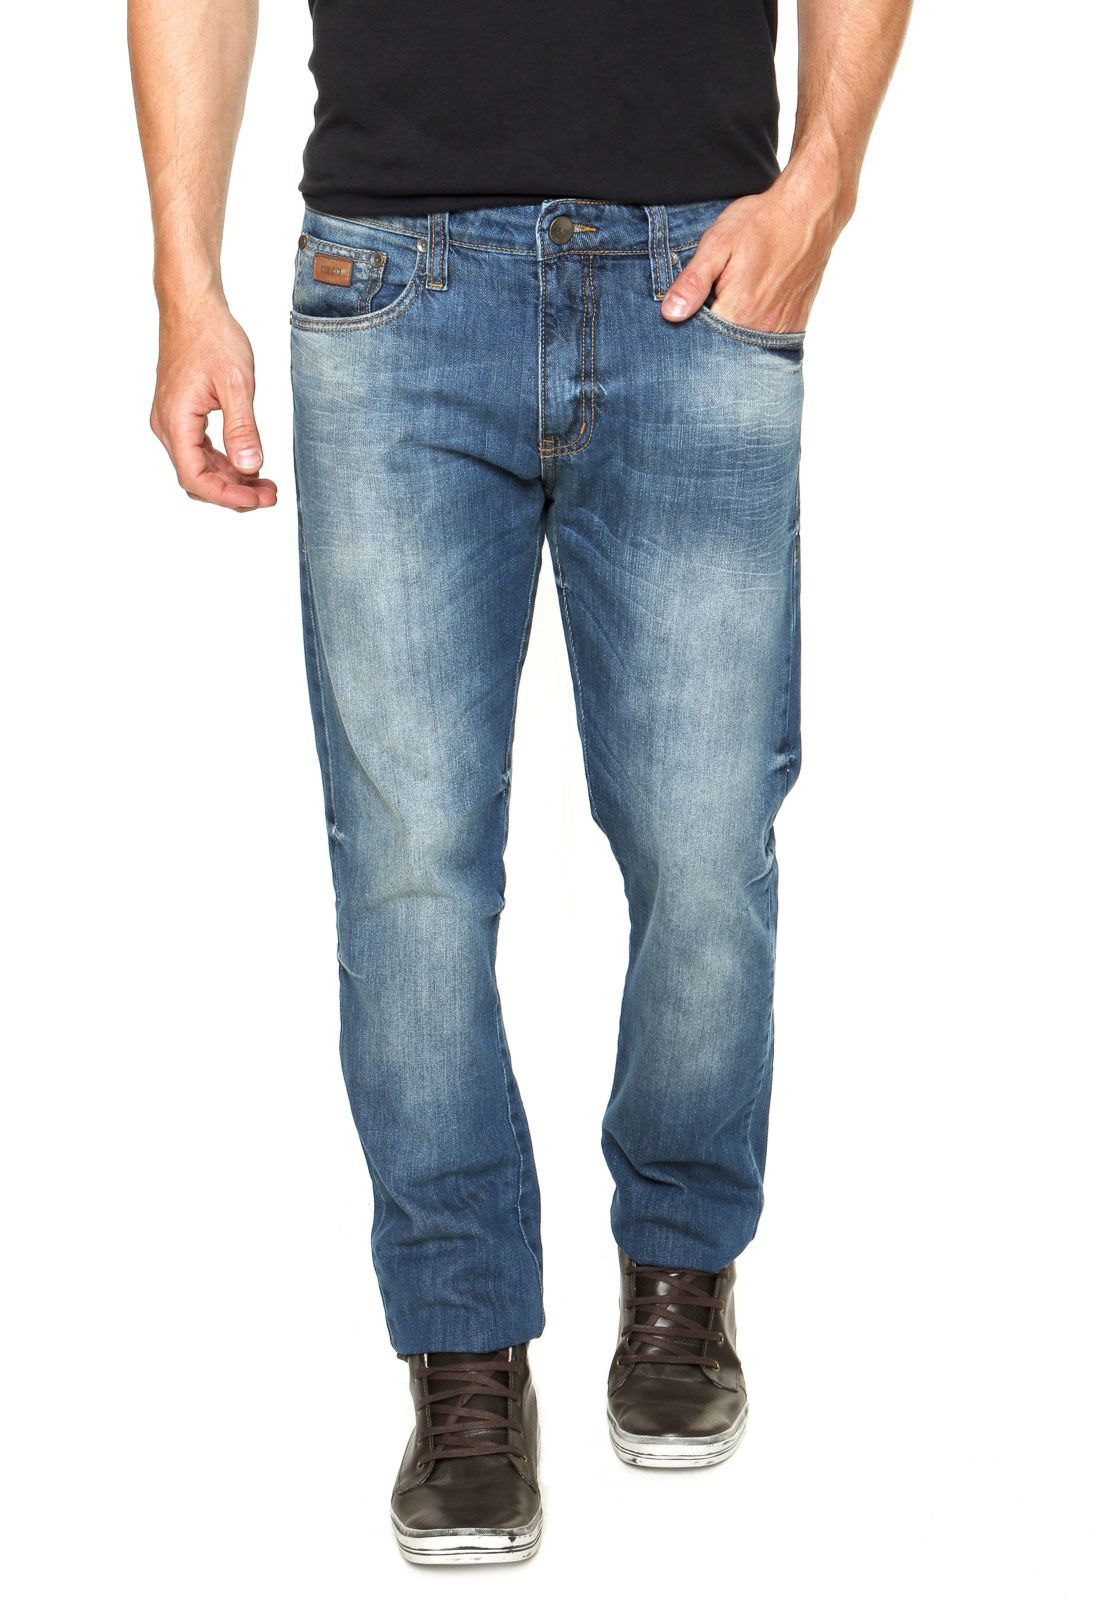 Calça Jeans Colcci John Skinny Pesponto Azul - Marca Colcci  b0ea4df9ca2